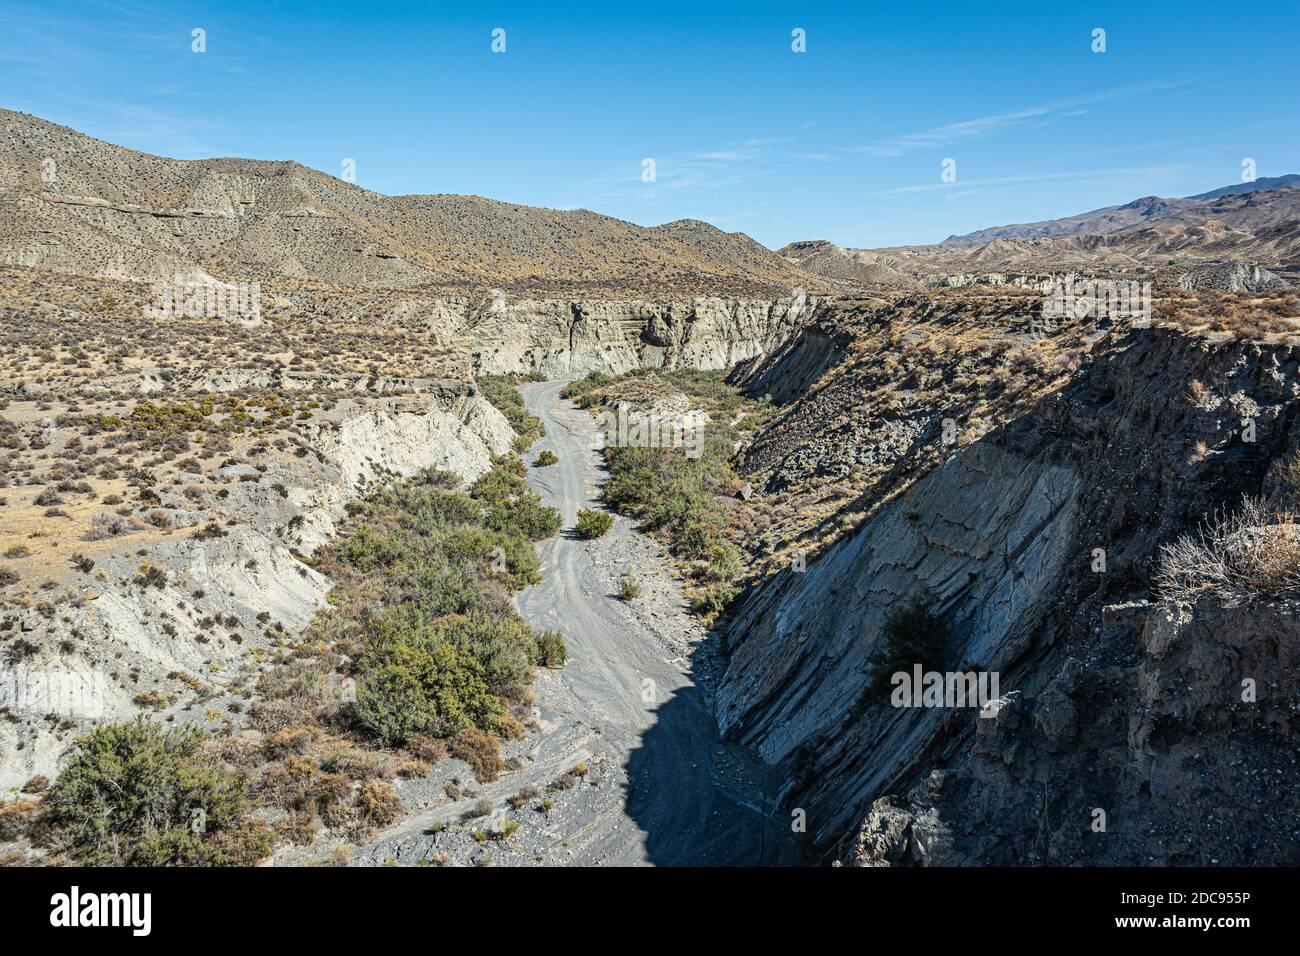 Vue sur le Canyon dans le désert de Tabernas. Banque D'Images